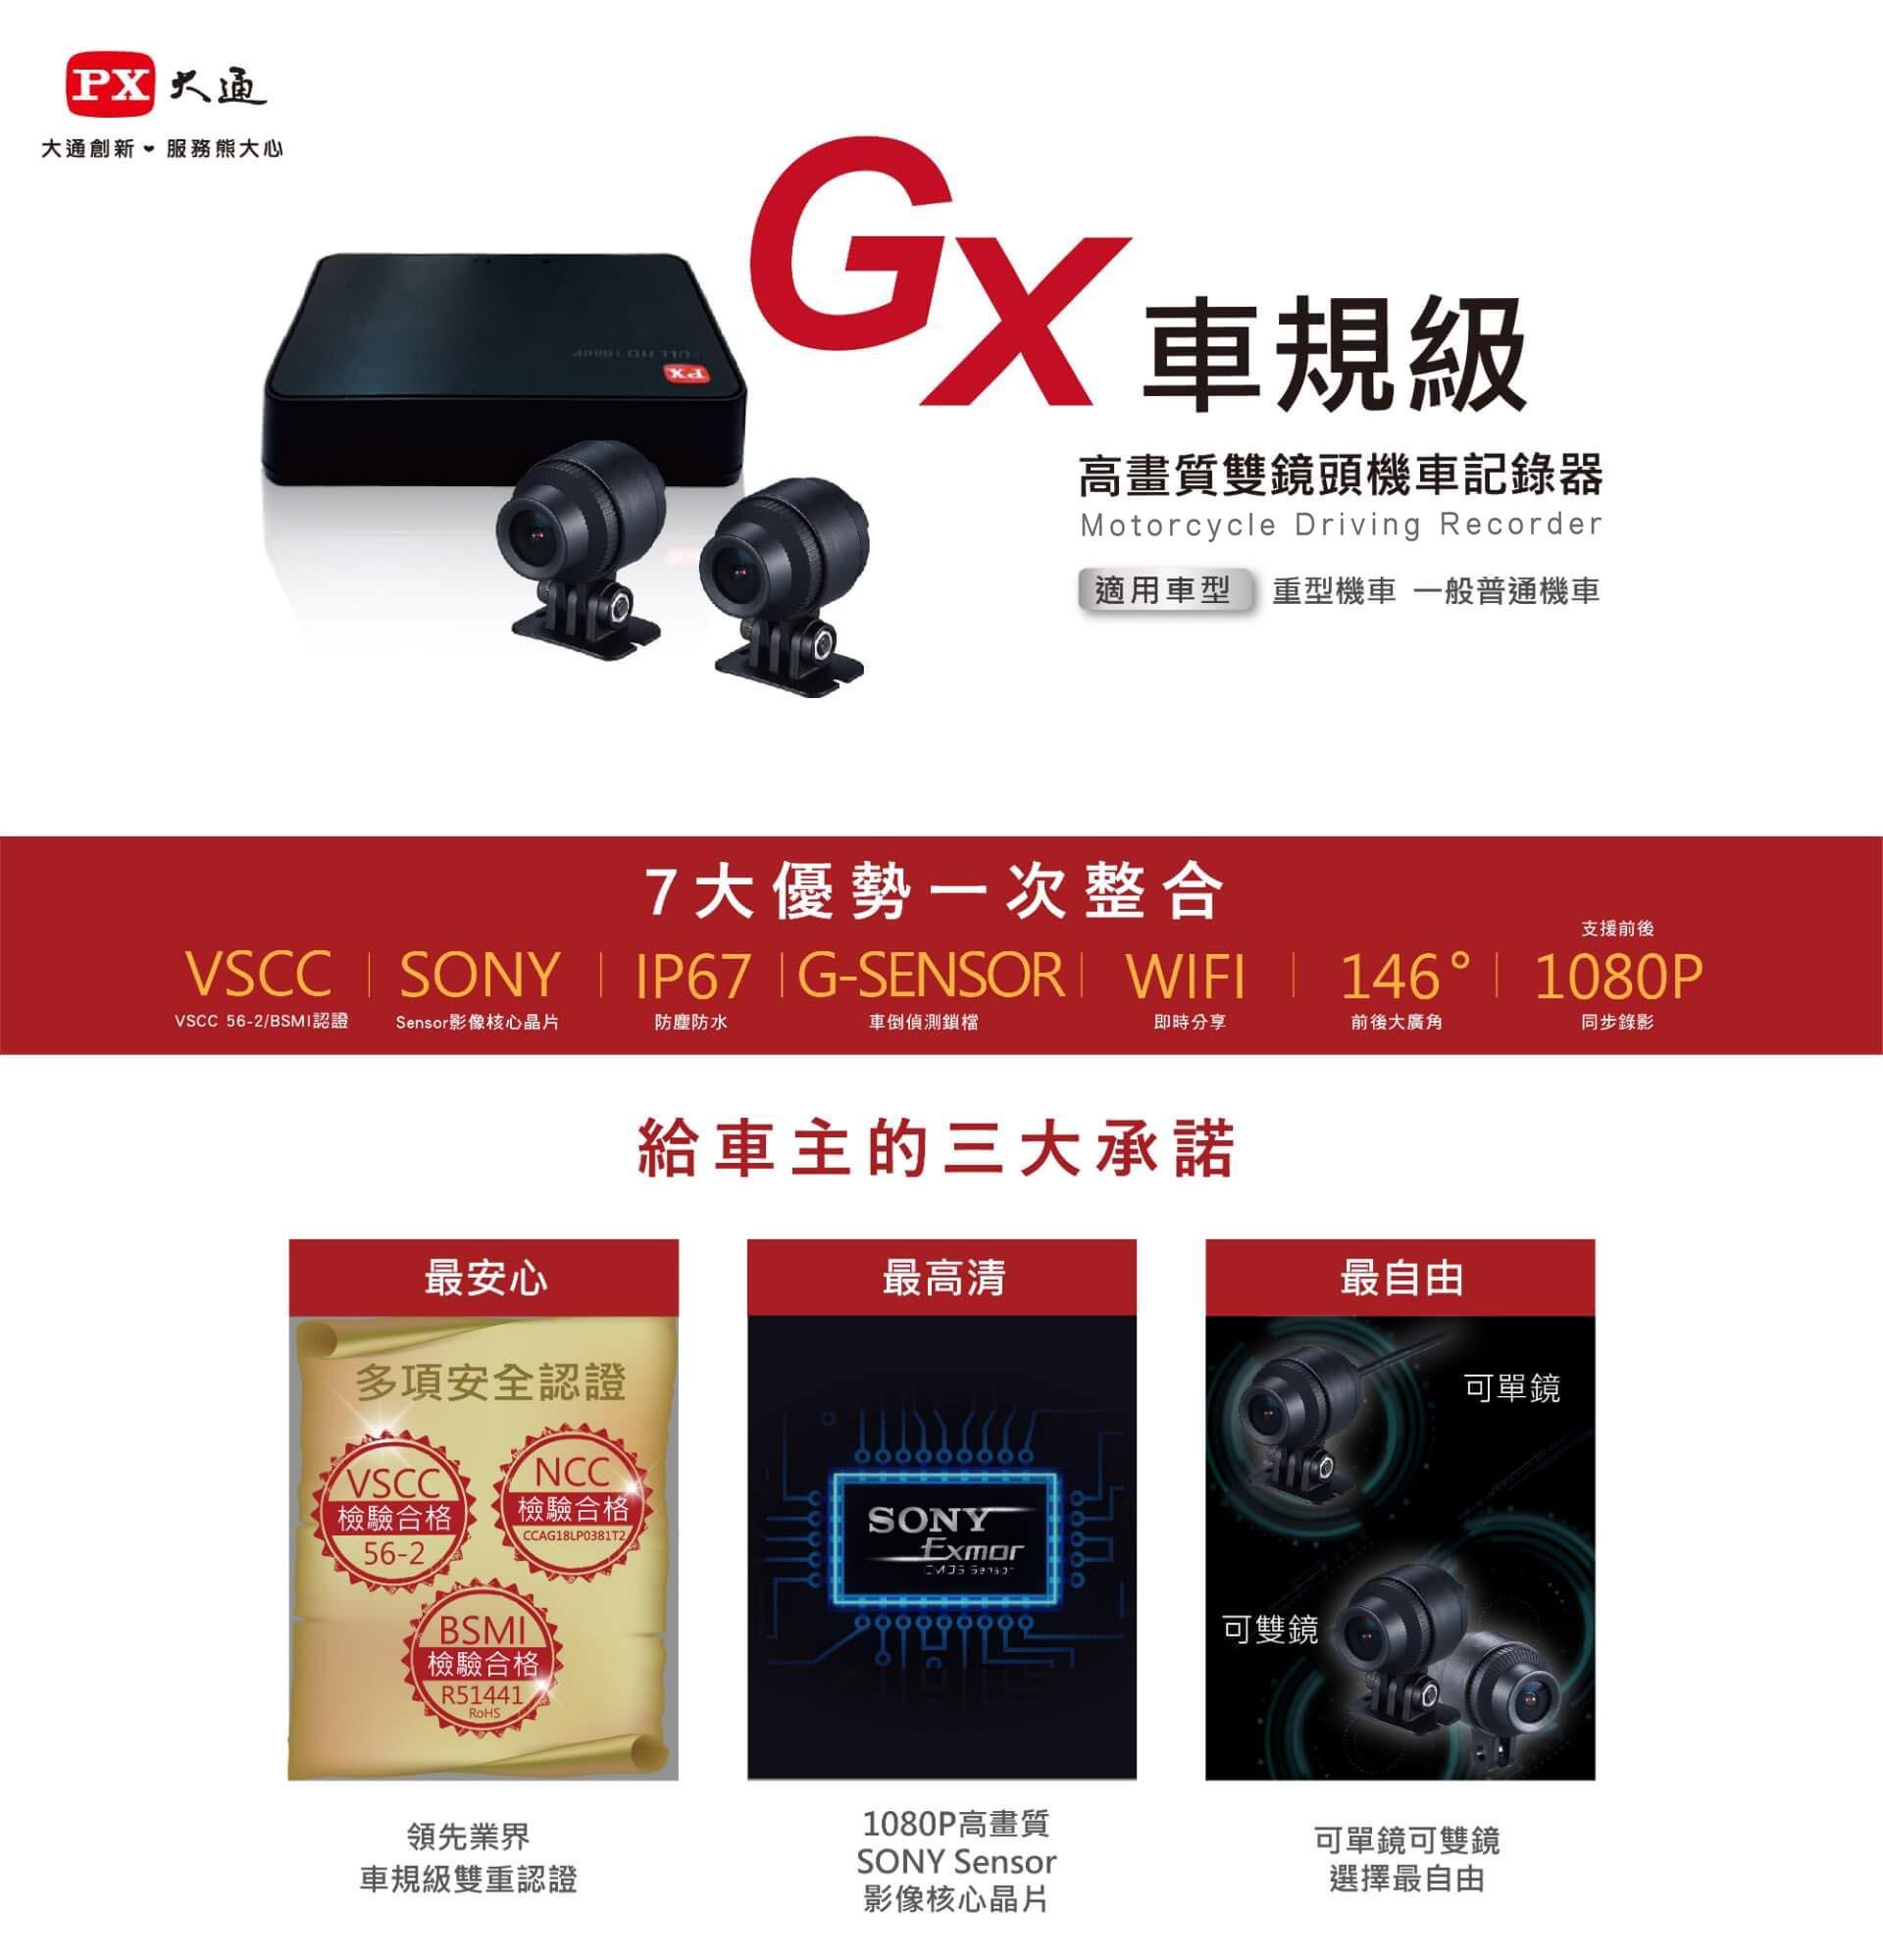 proimages/product/Bike_Cam/PX-GX/PX-GX_01_resized.jpg